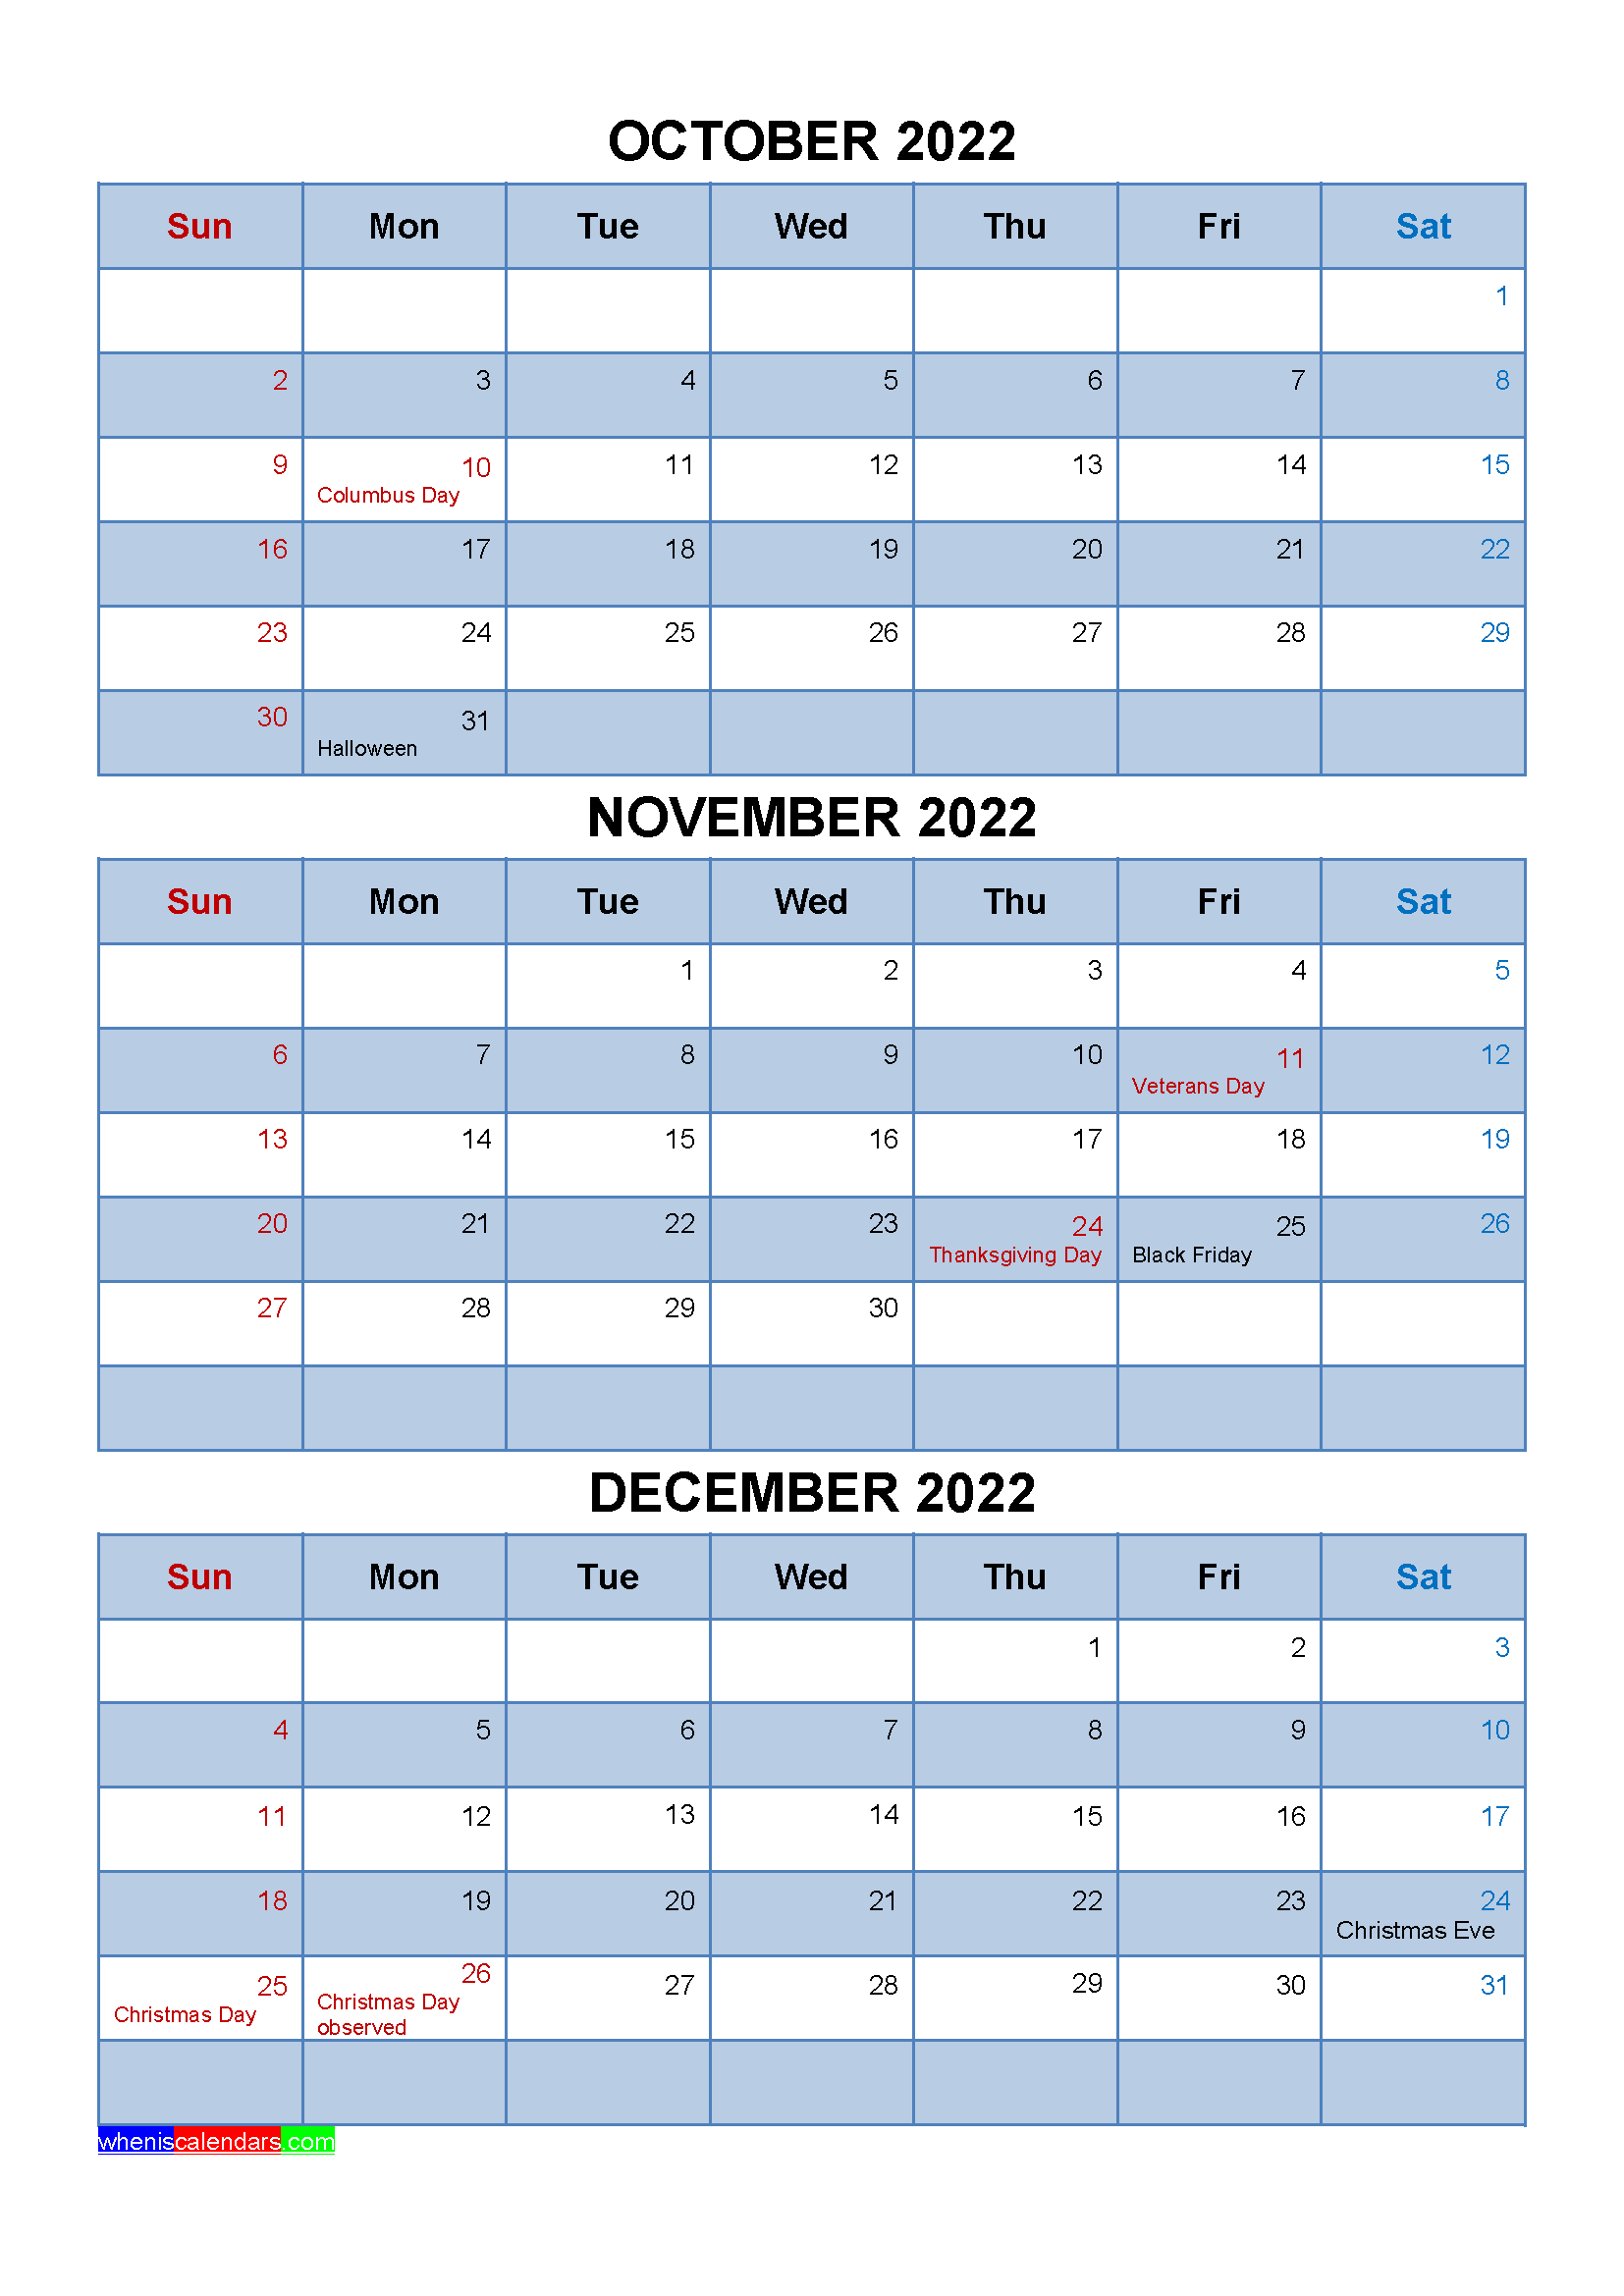 September October November December 2022 Calendar.Free Calendar October November December 2022 With Holidays Four Quarters Calendar Printables Quarterly Calendar Calendar Template